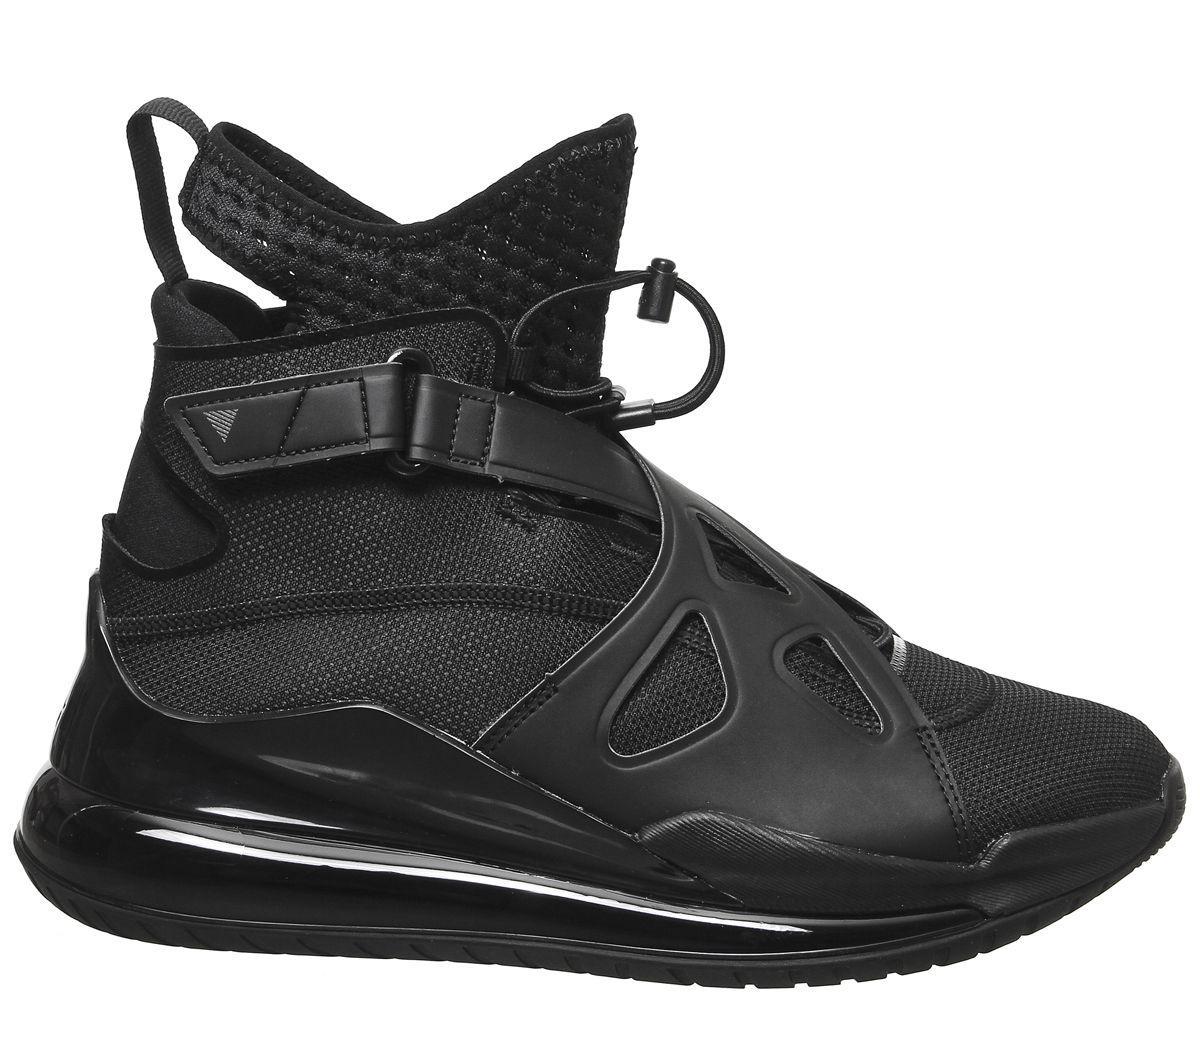 Nike Jordan Air Latitude 720 Shoe in